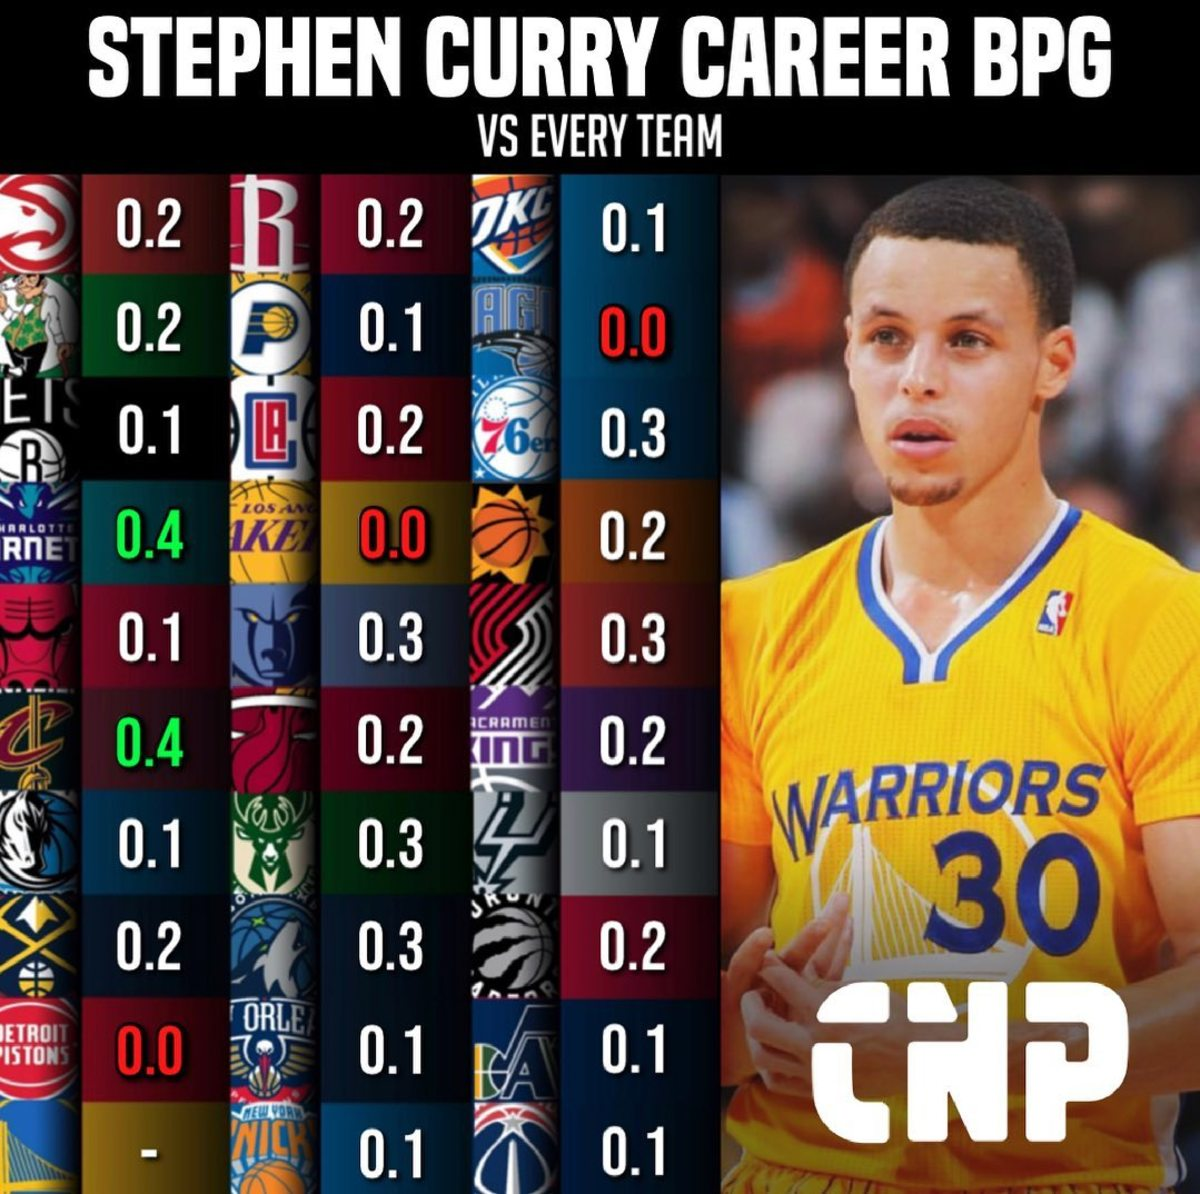 Stephen Curry Career BPG